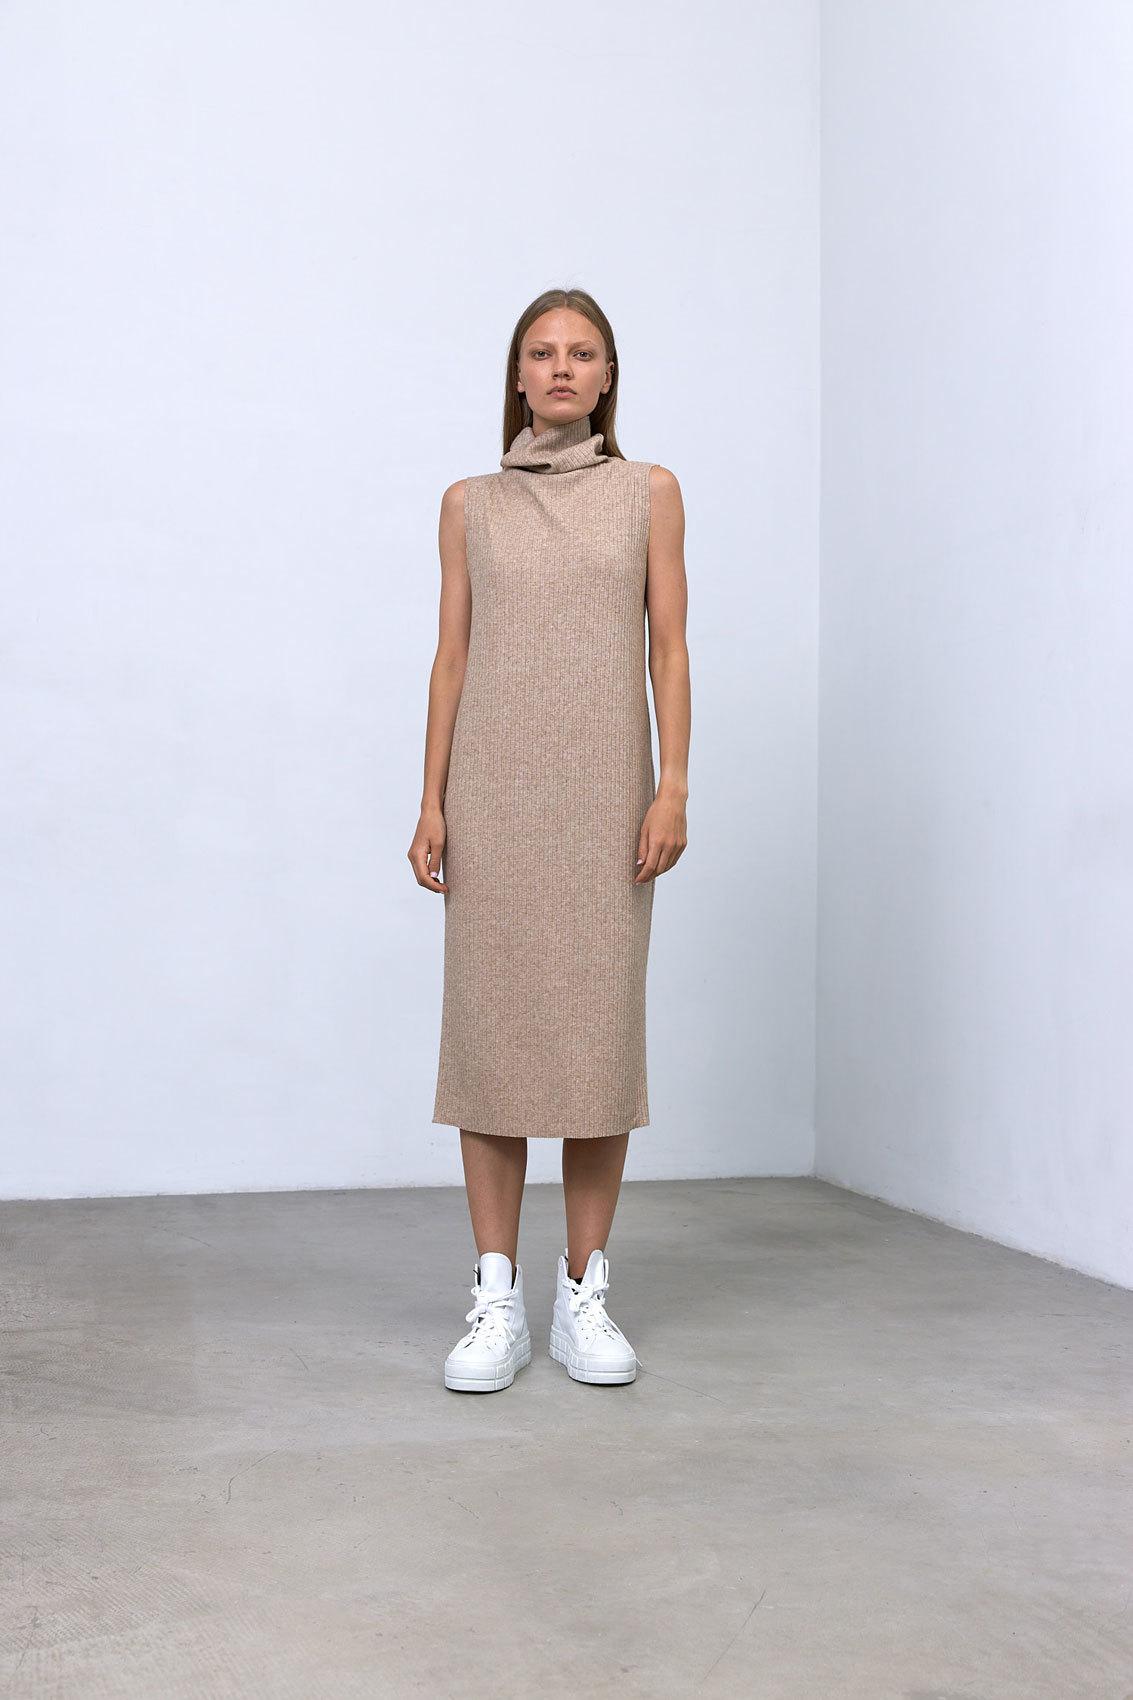 Платье-водолазка без рукавов (трикотаж), золотистый бежевый